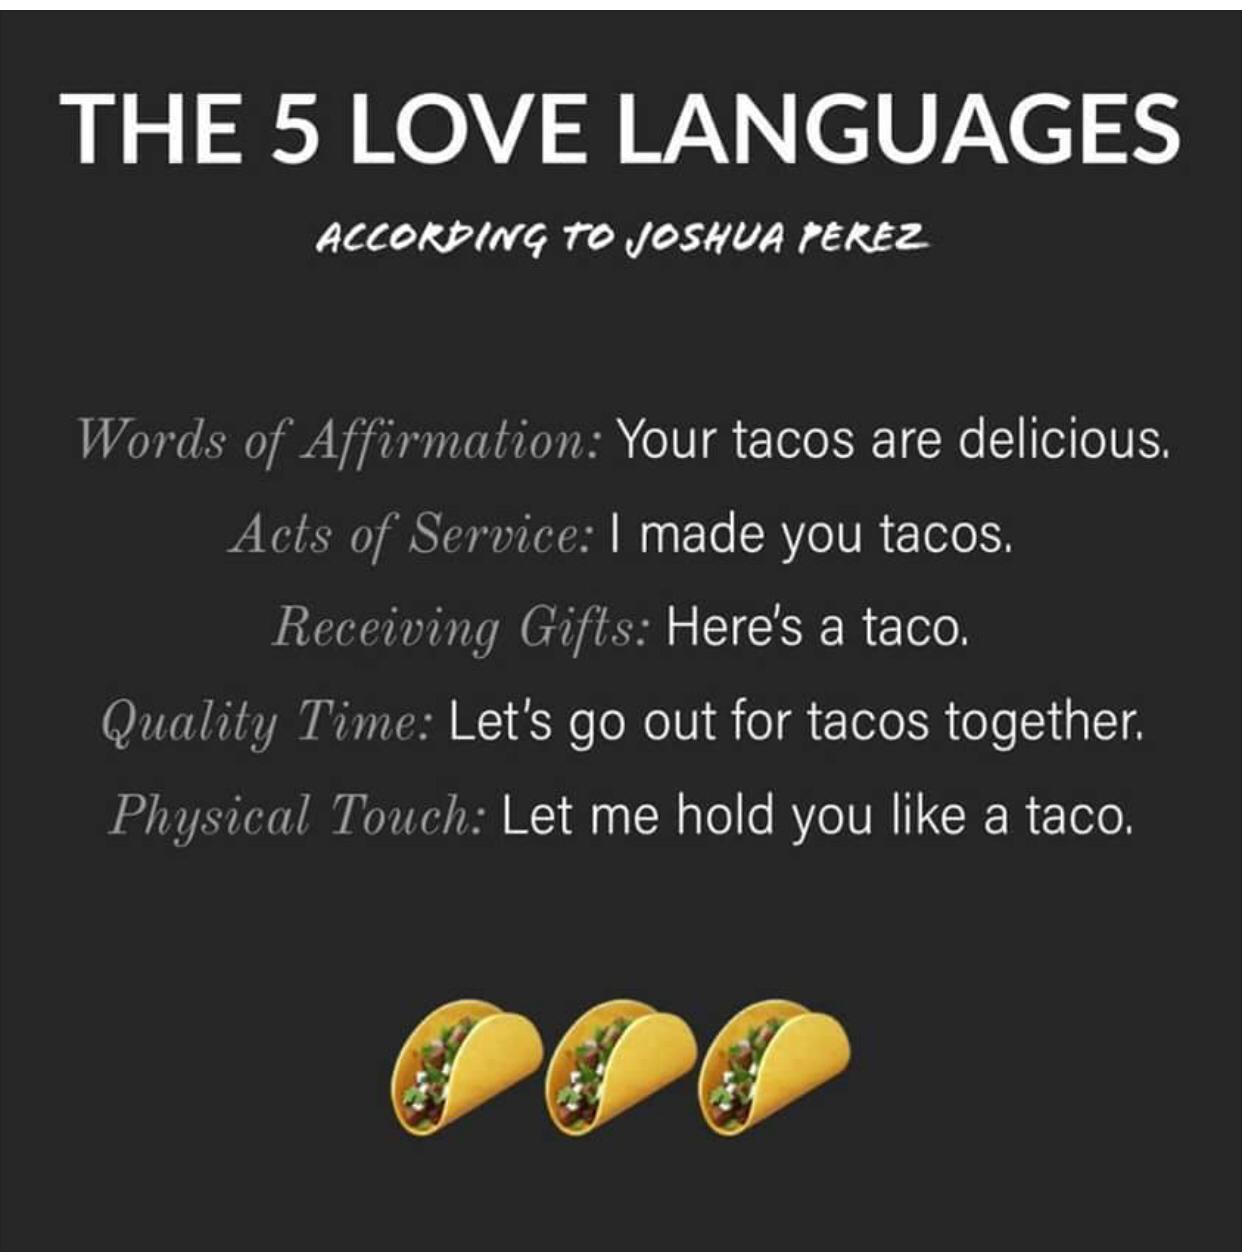 Fun Taco version   Source: Google-Joshua Perez